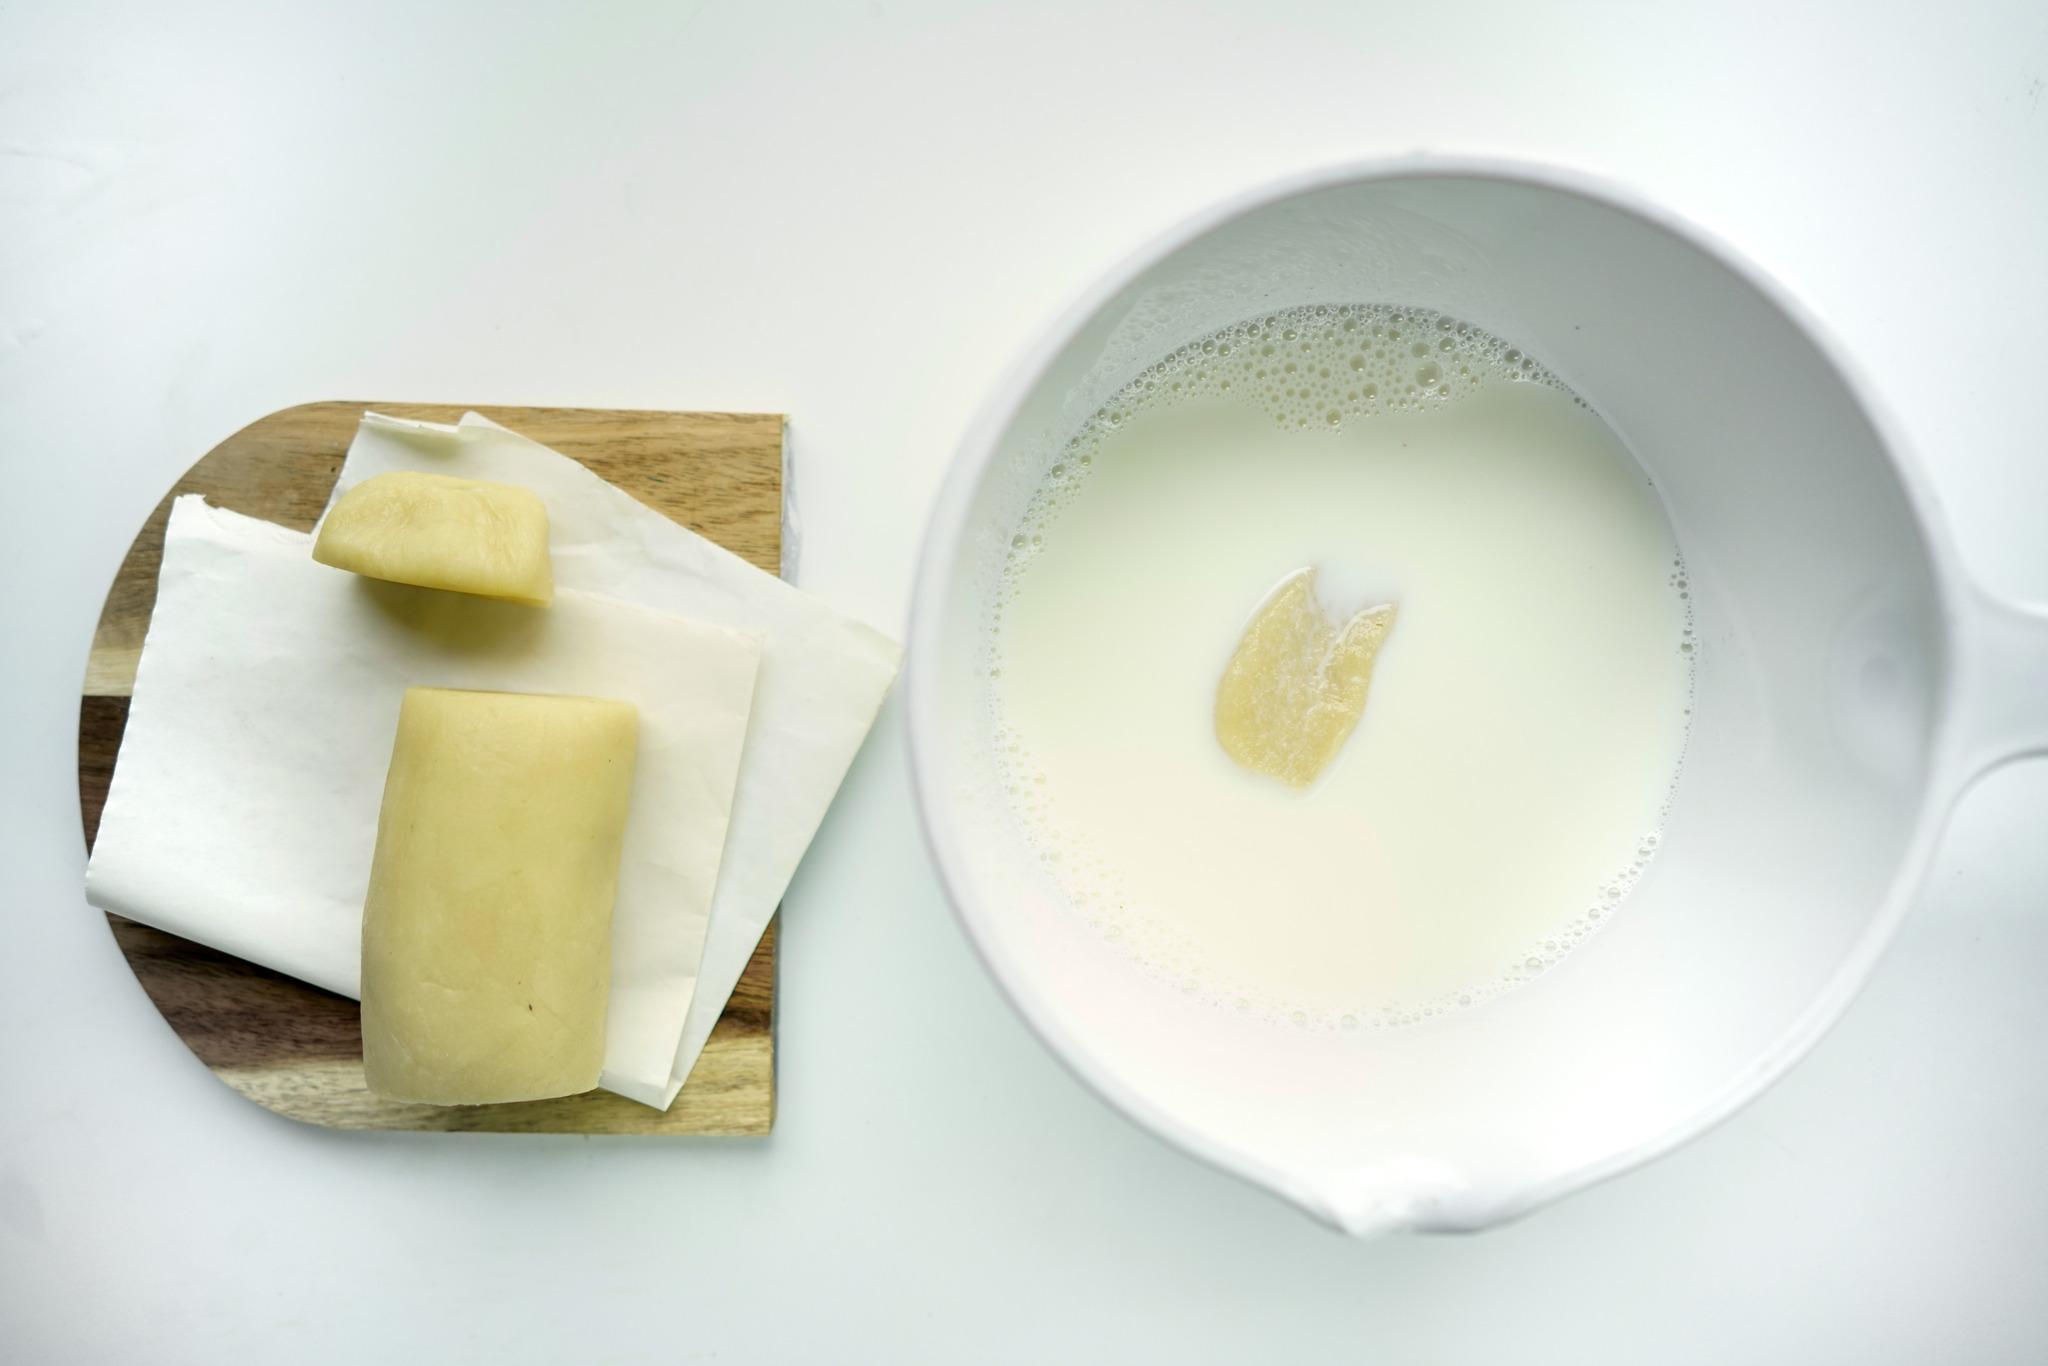 Sopa de almendra con bizcochos de soletilla